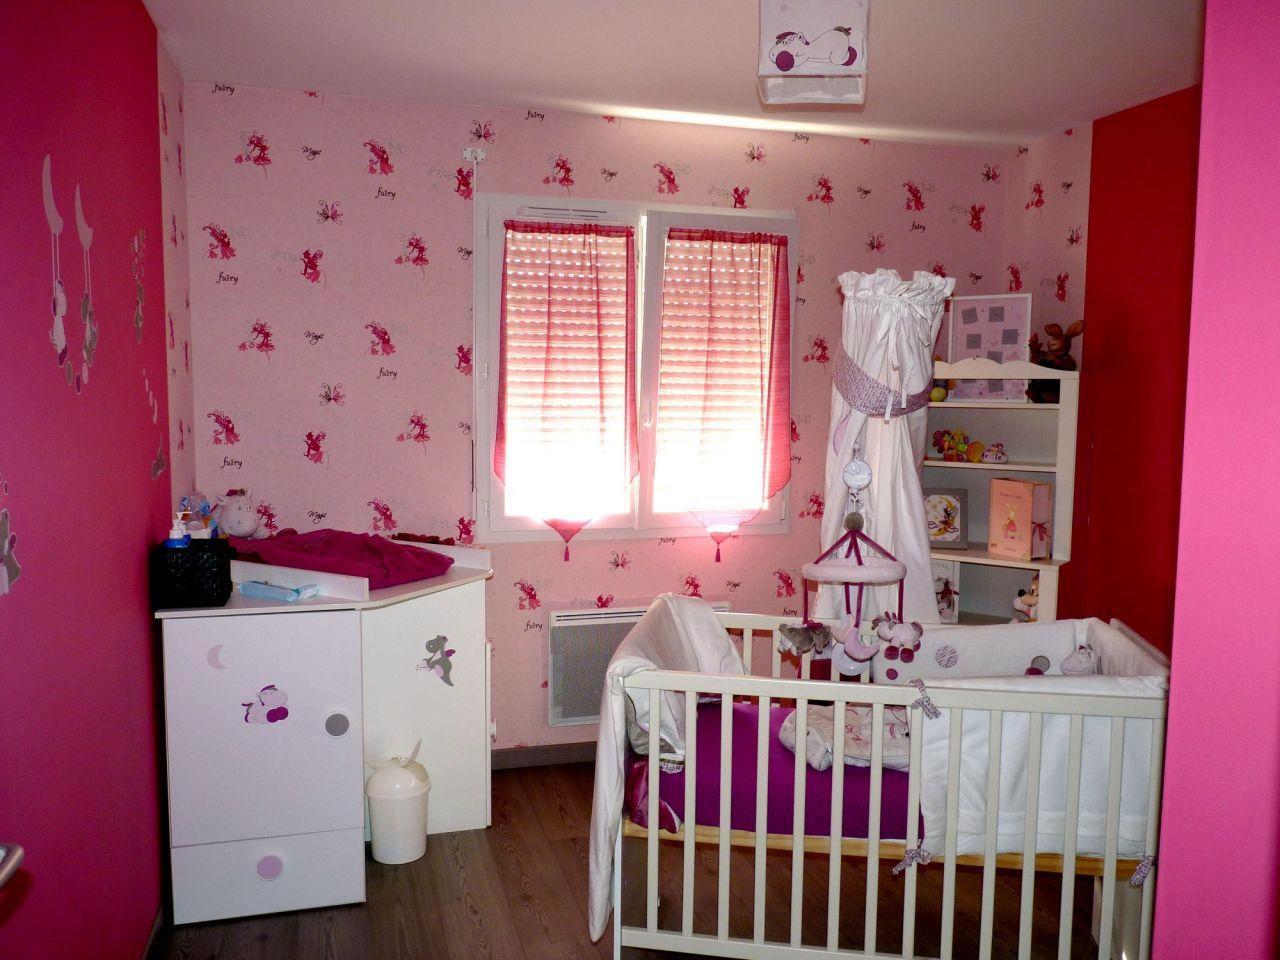 Chambre de fille bien rangee meilleure inspiration pour votre design de maison for Chambre bien rangee en anglais